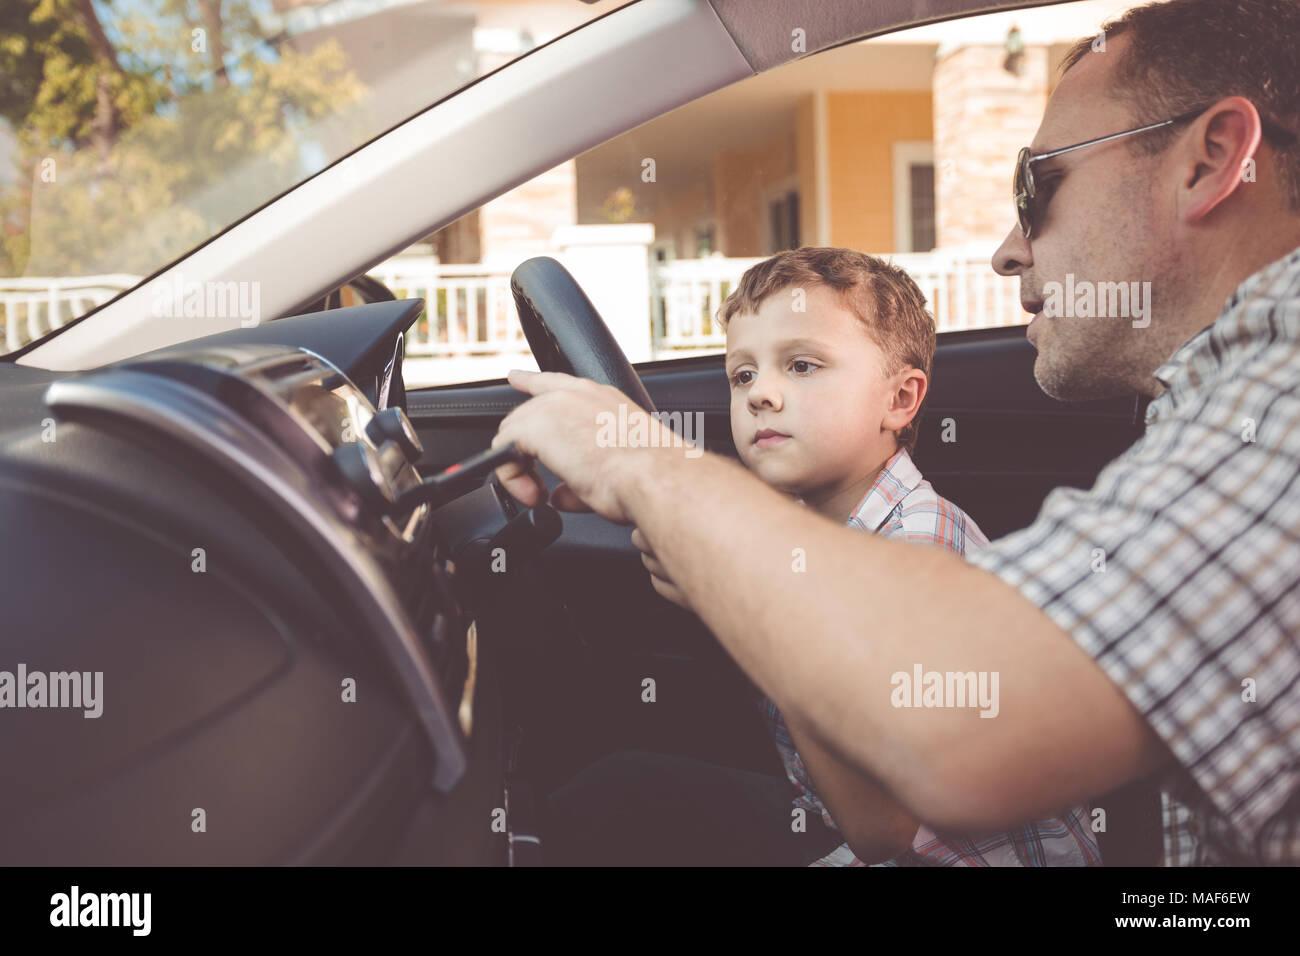 Heureux père et fils assis dans la voiture à la journée. Les gens se préparer pour road trip. Concept de famille heureuse. Photo Stock